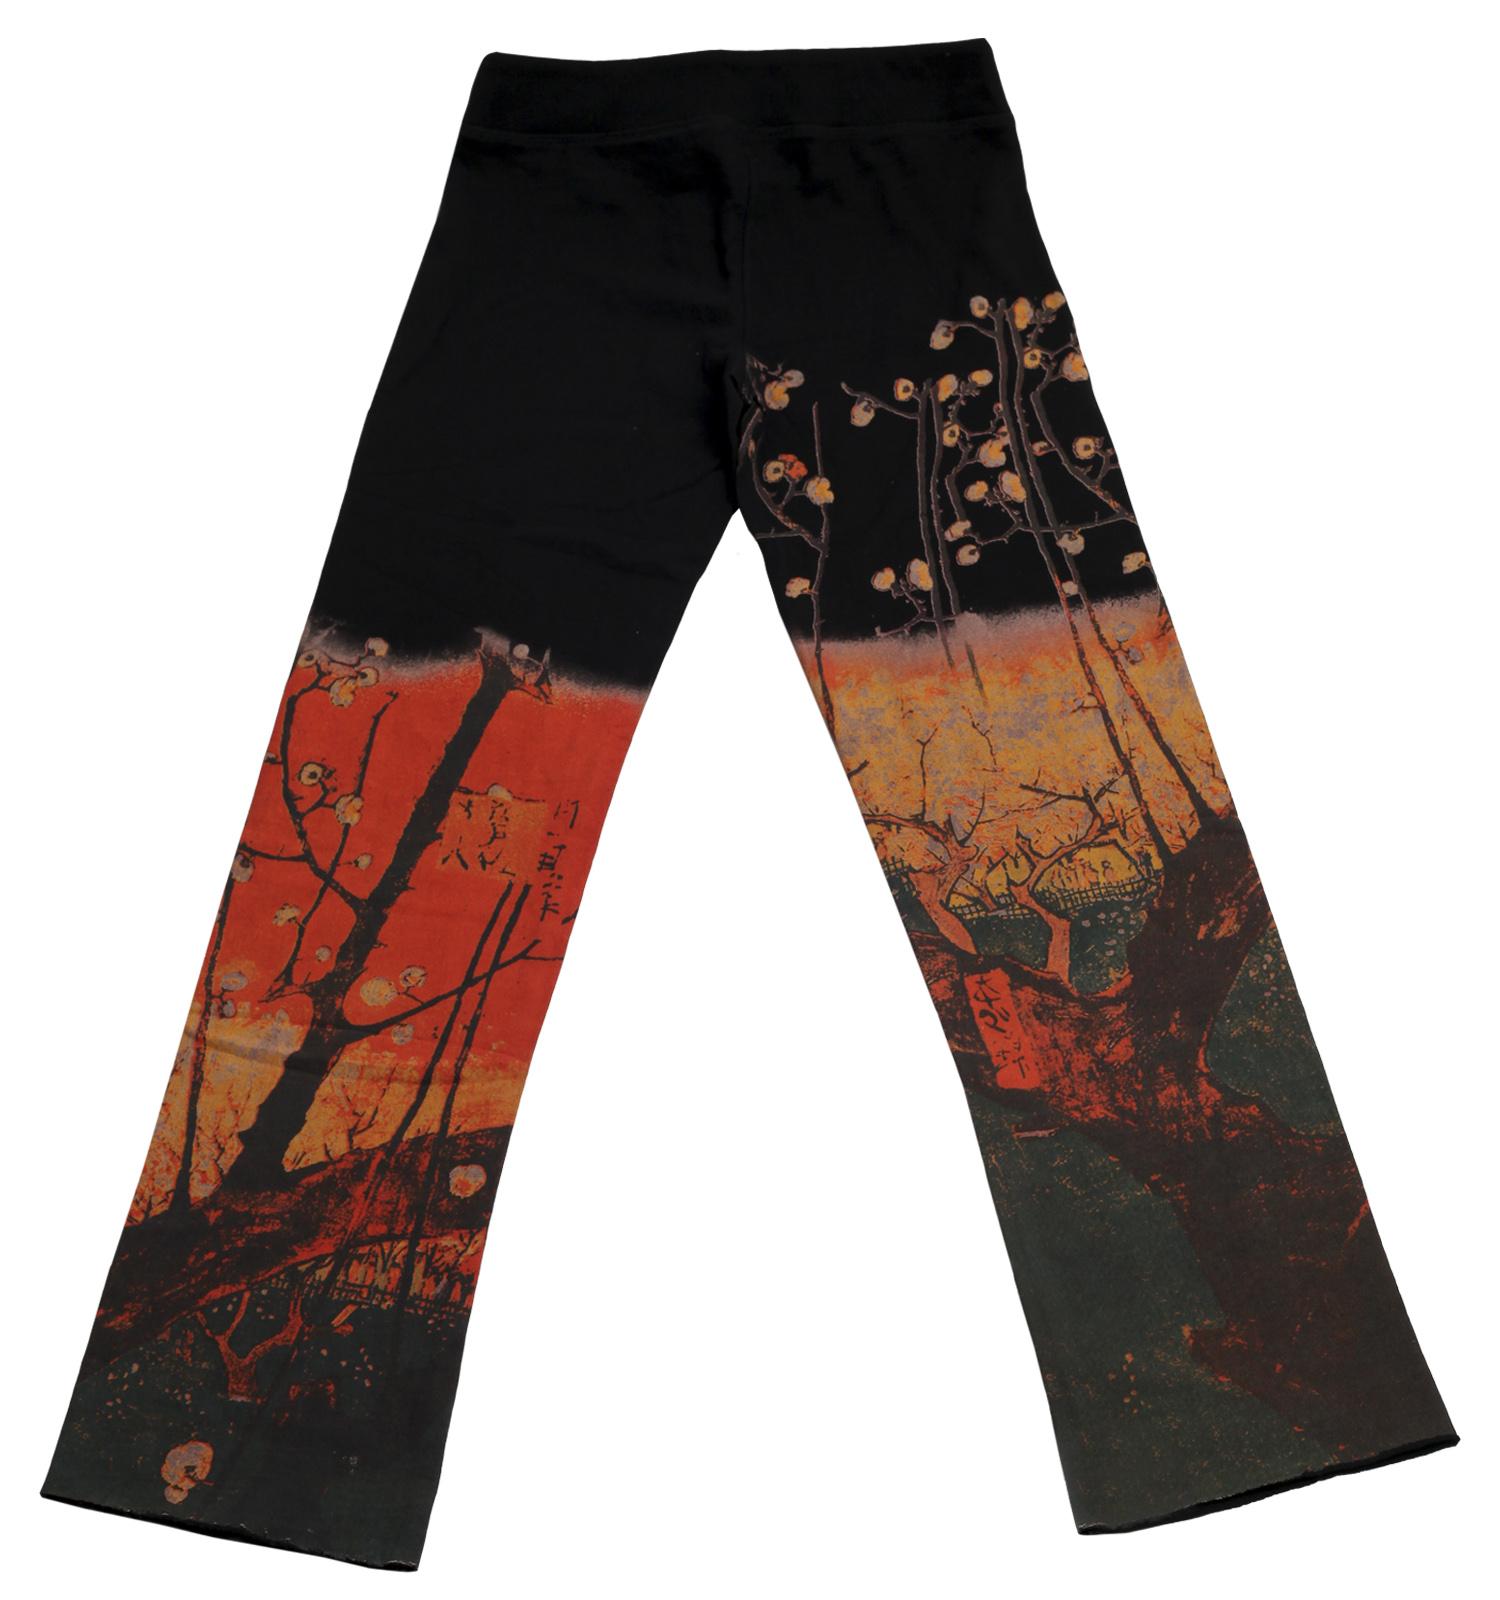 Заказать черные штаны бренда Paparazzi с красочным китайским принтом по специальной цене